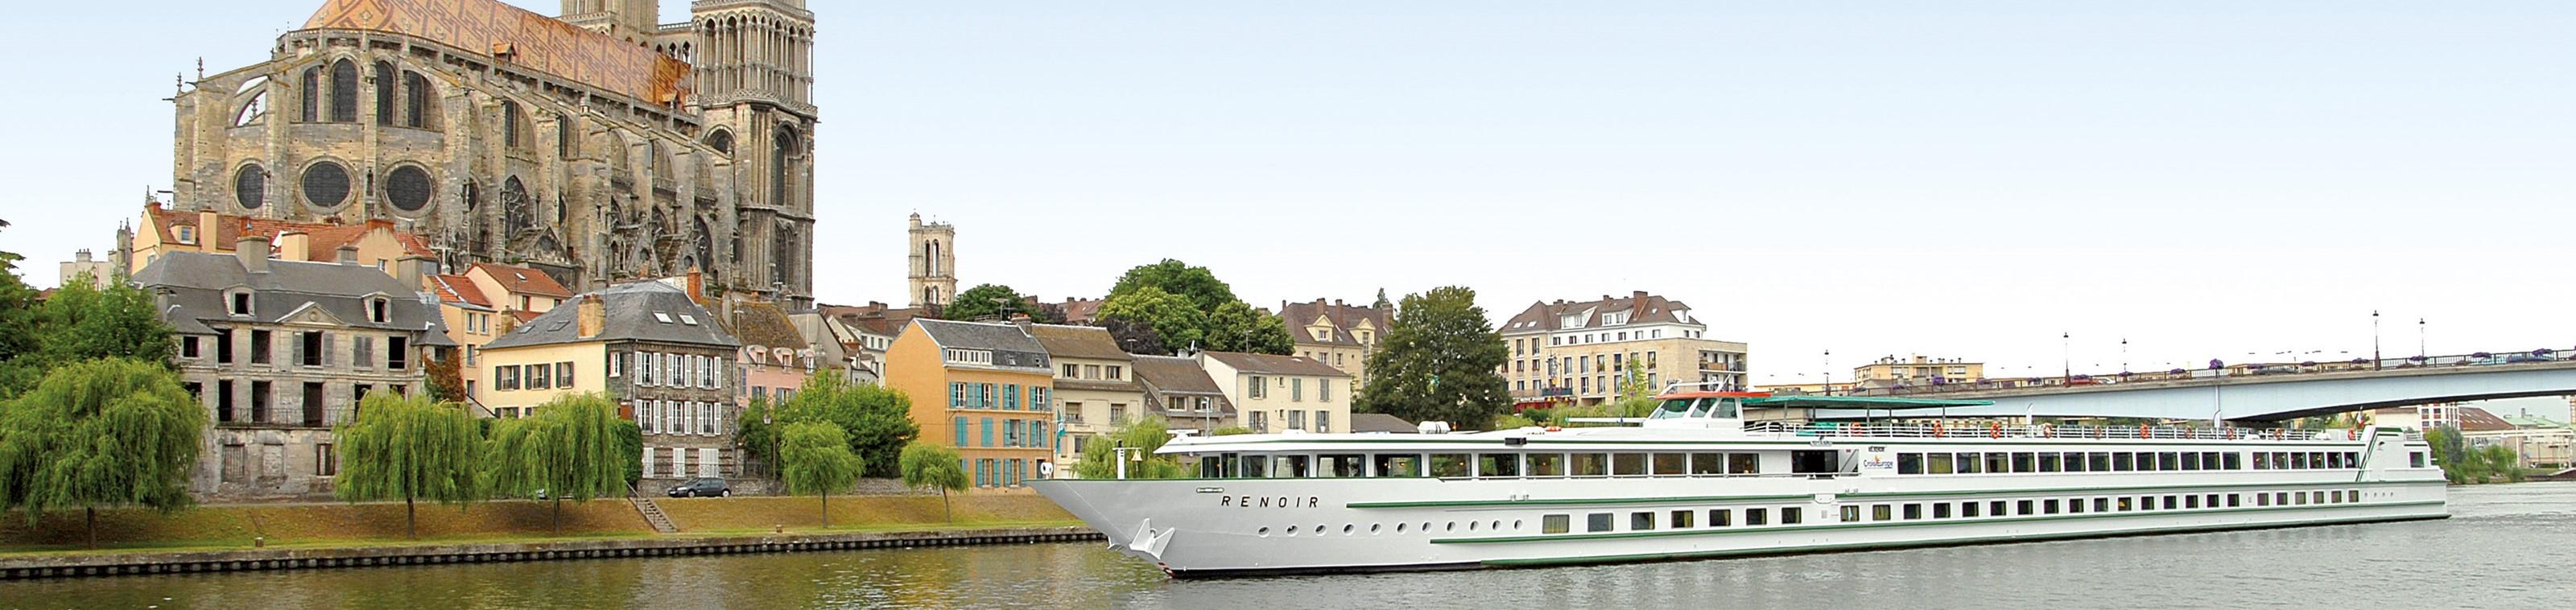 Riviercruise Honfleur - Parijs